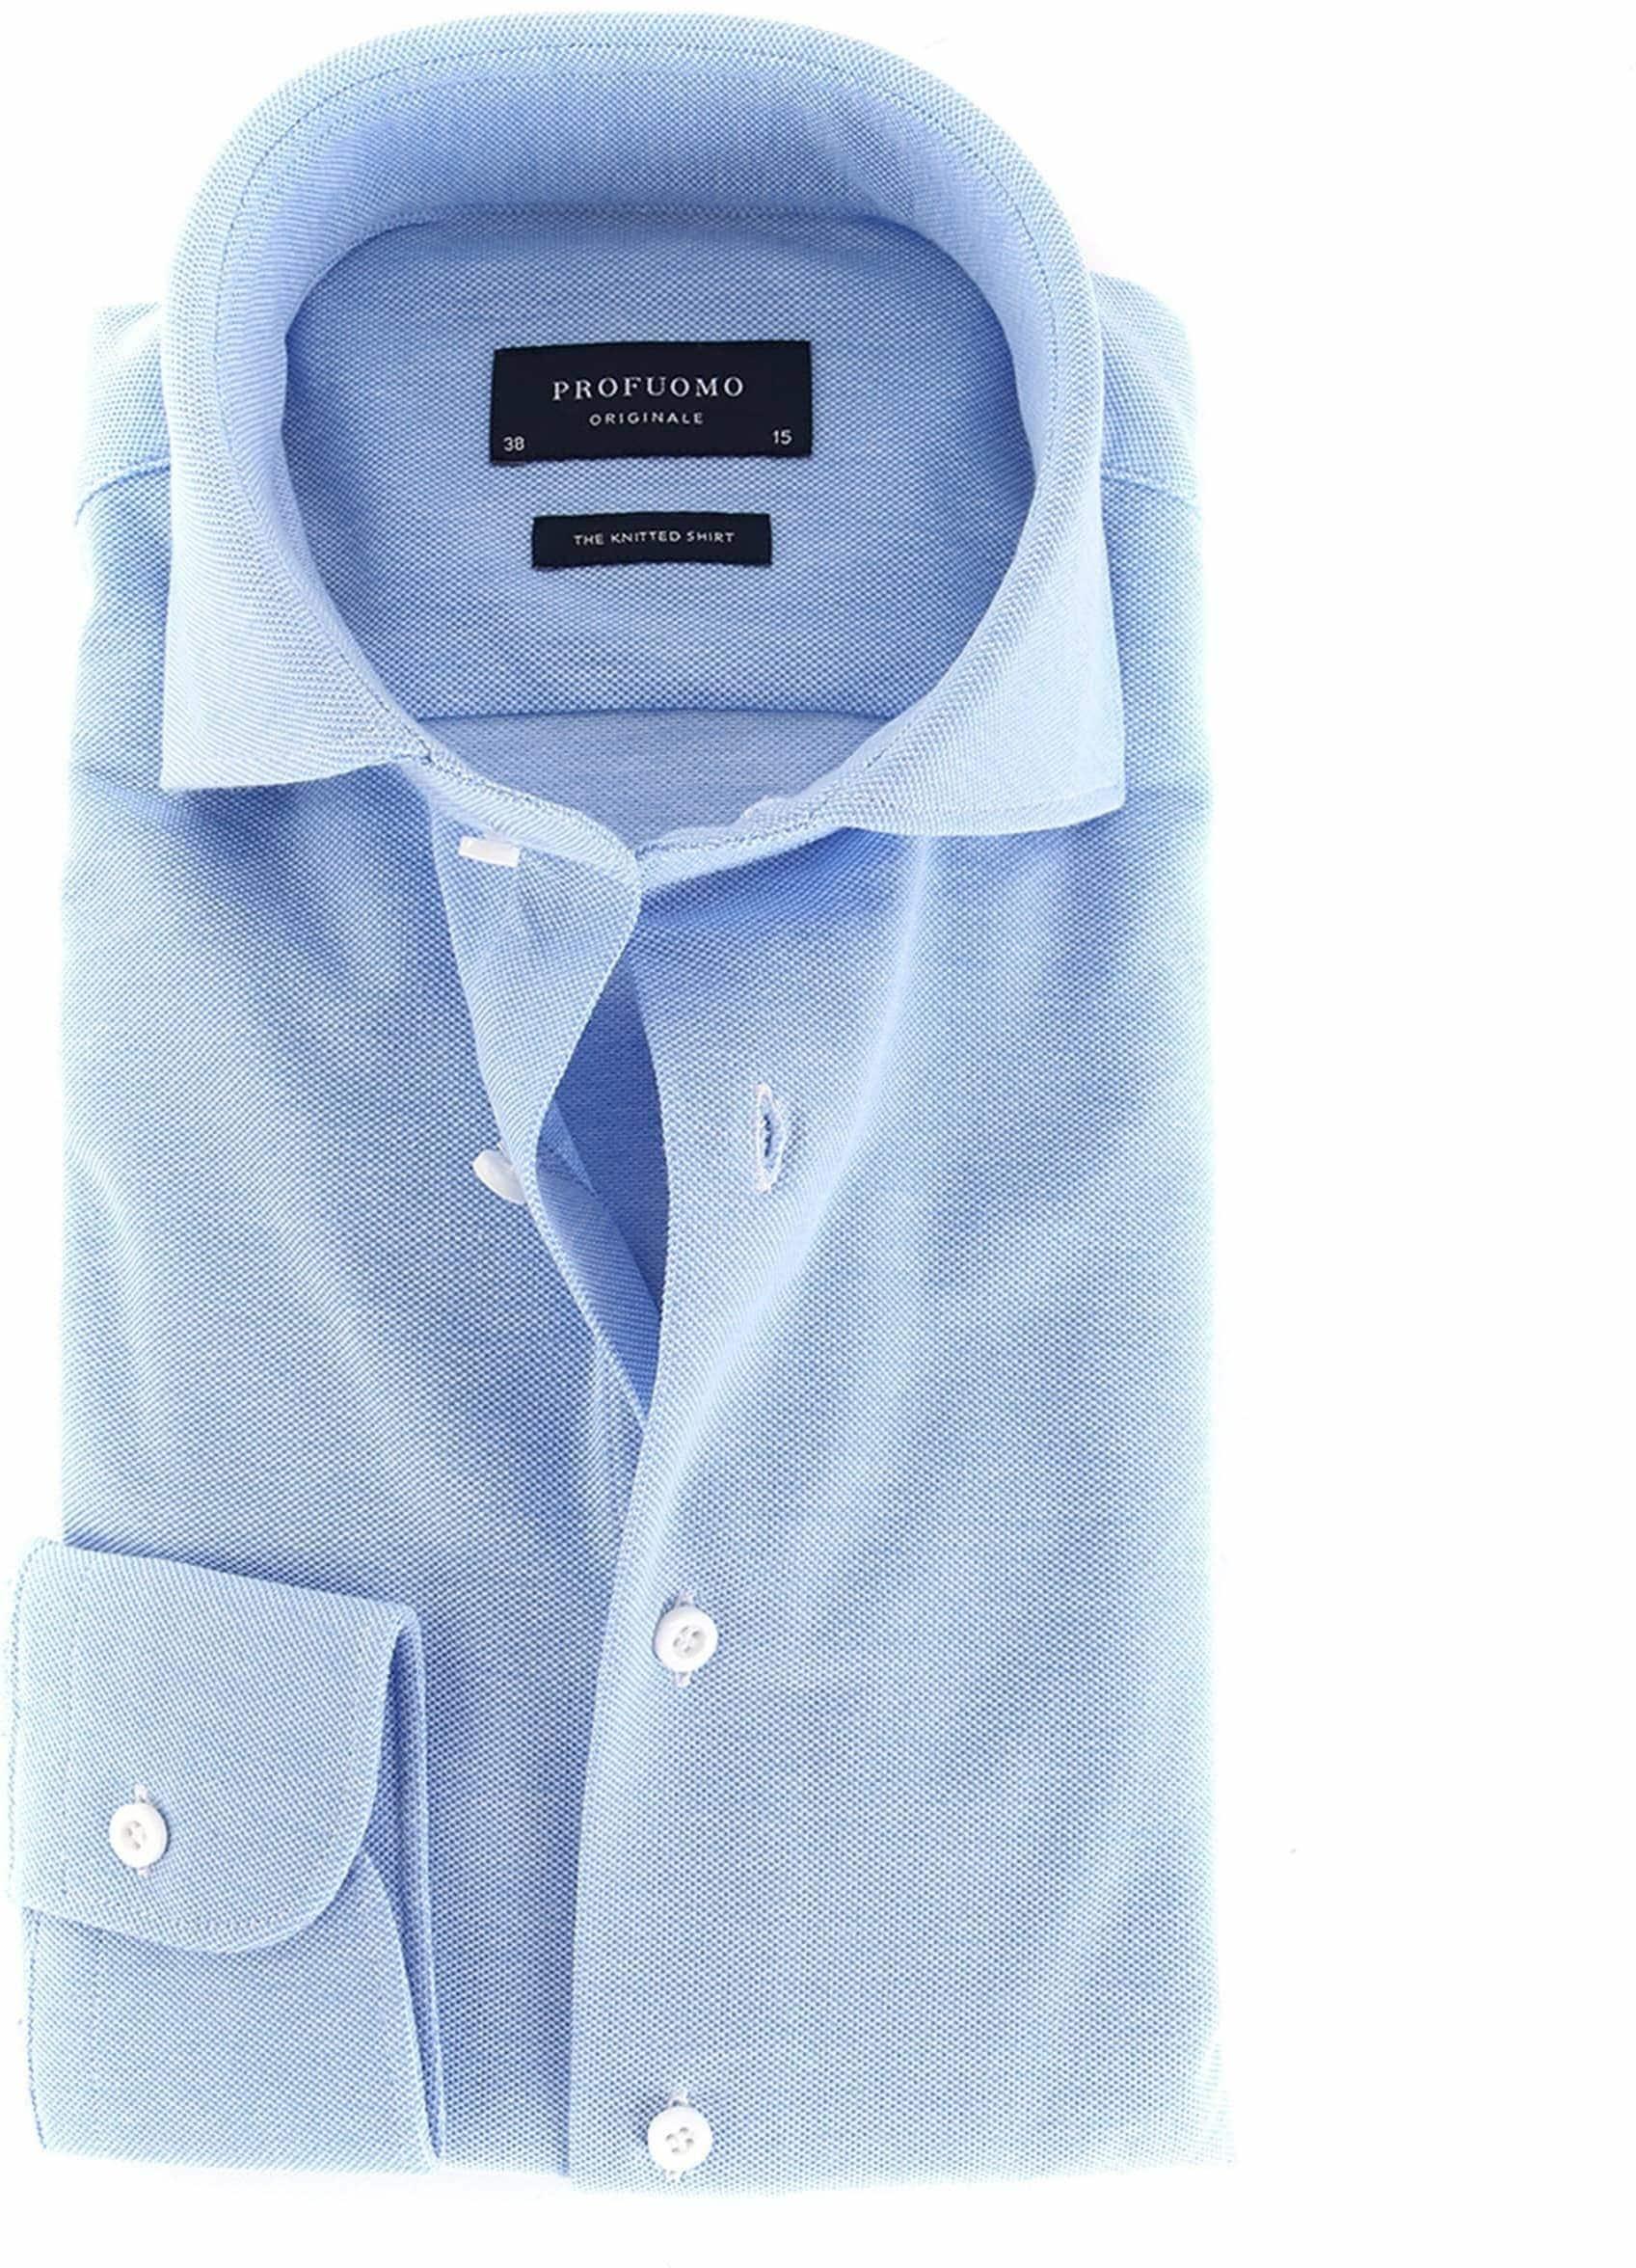 Profuomo Overhemd Knitted Blauw €79.95Meer maten beschikbaar